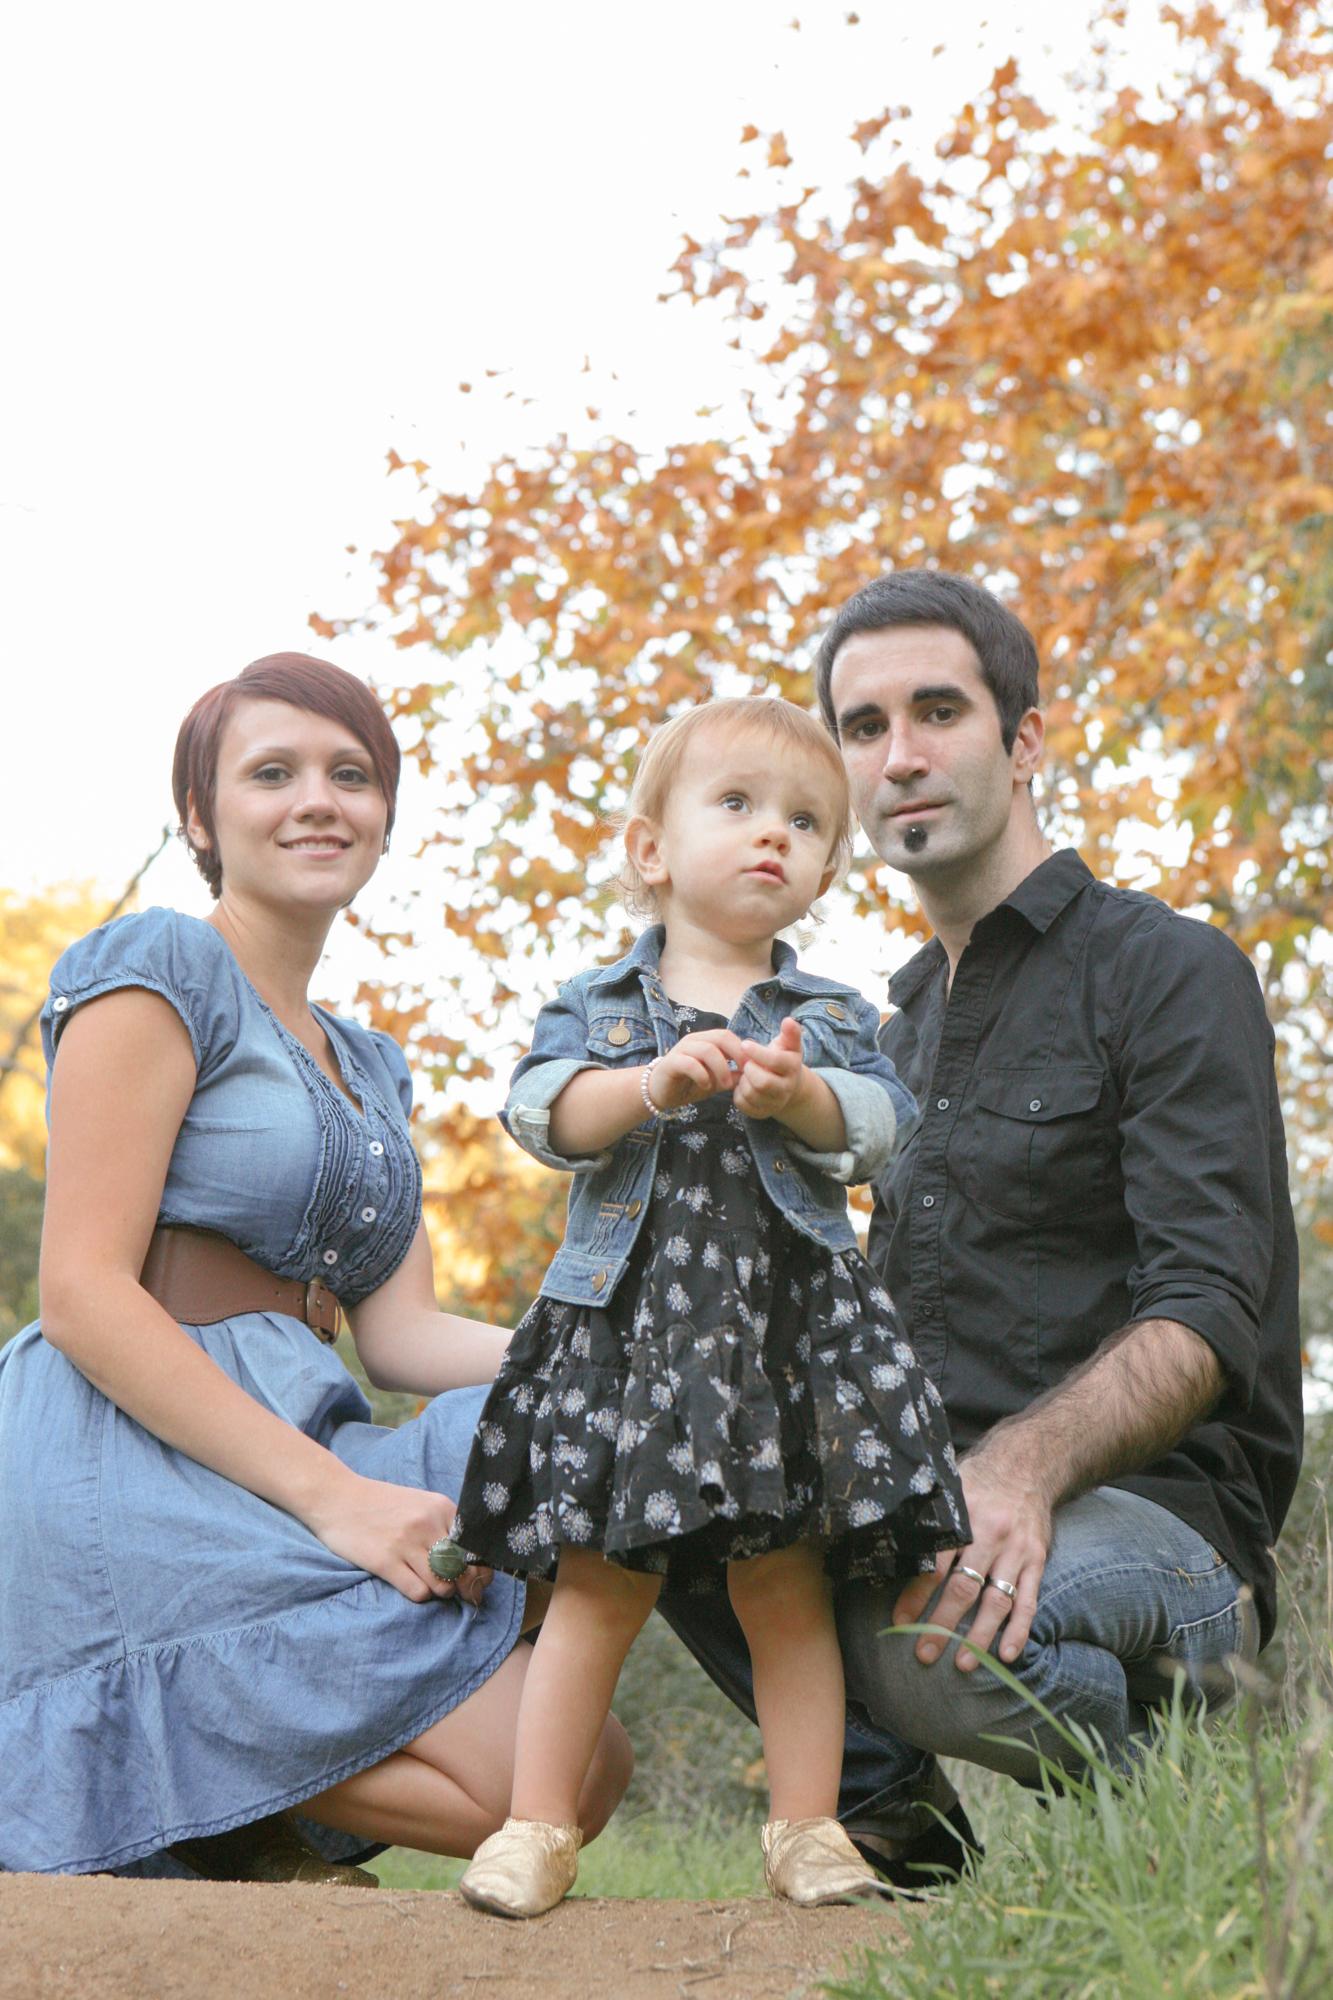 arthousephotographs.com | Los Angeles Family Photographer | Los Angeles Pregnancy Photographer | Southern California Family Photographer | Arthouse Photographs